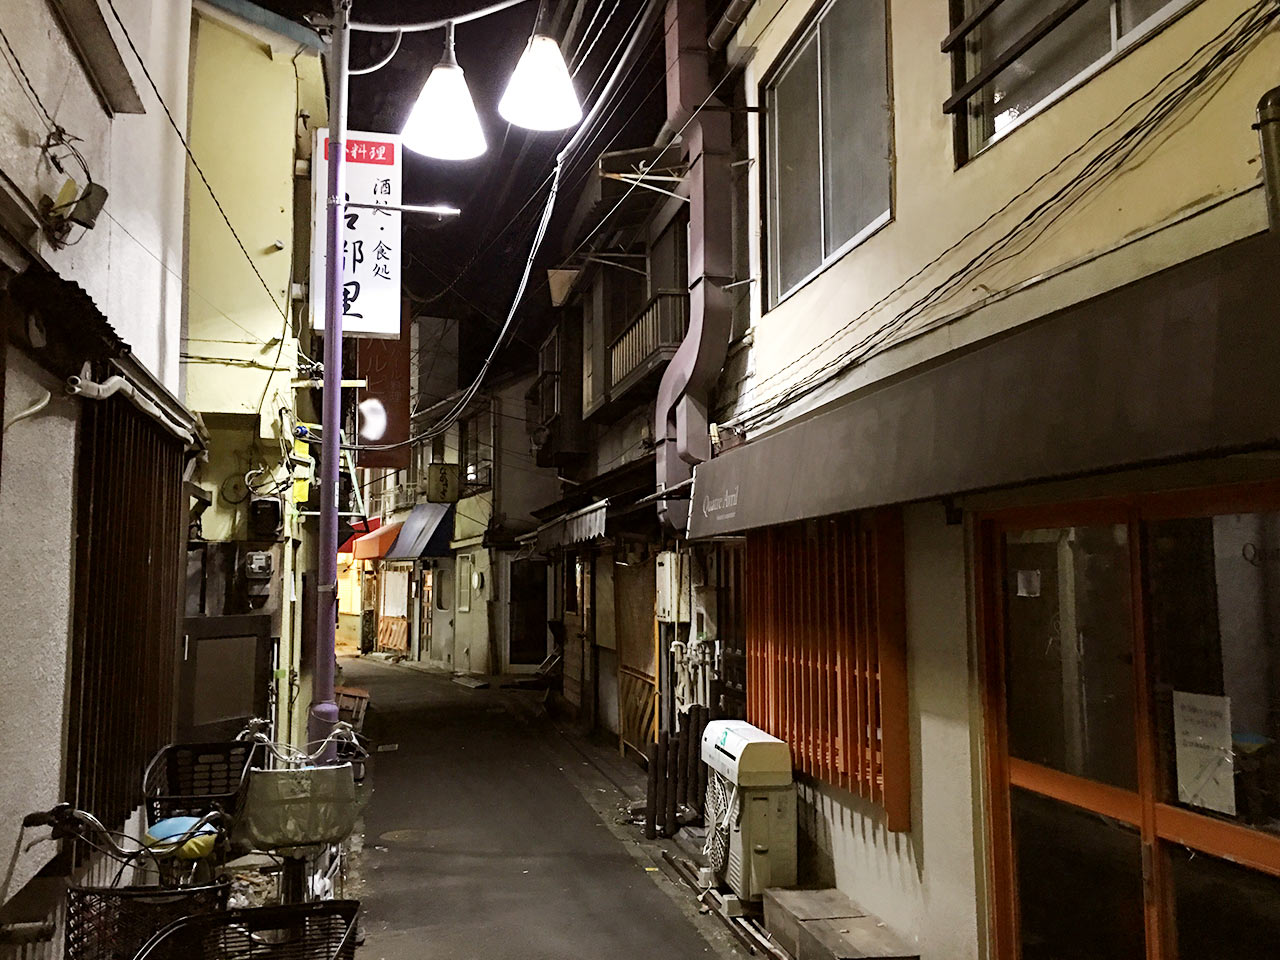 musashikoyama-ekimae-saikaihatsu-street01